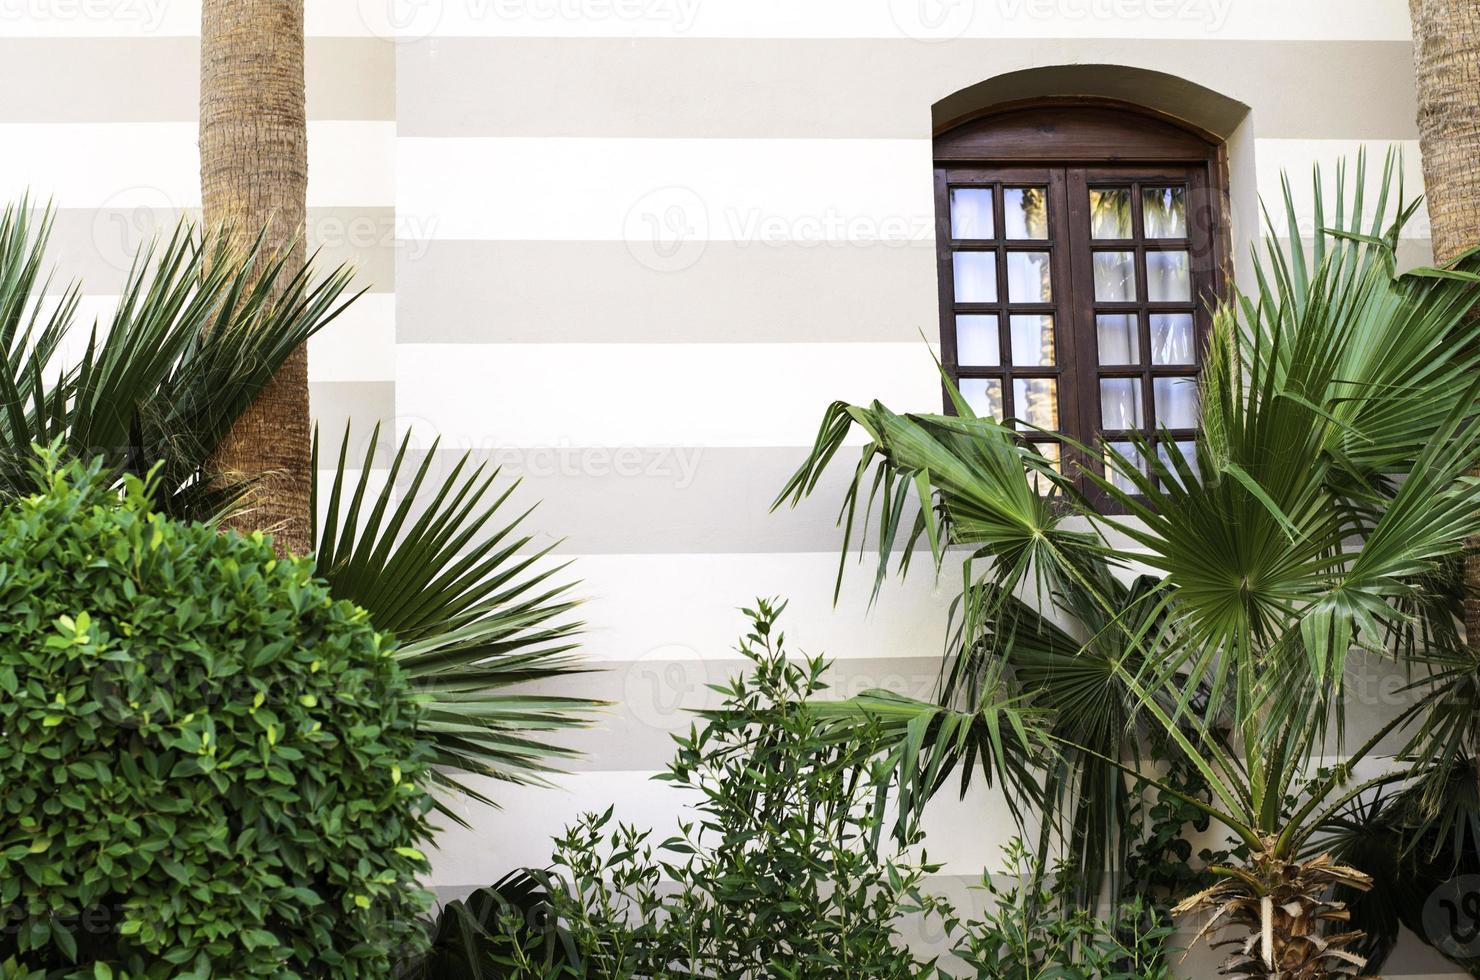 la finestra nell'edificio. foto